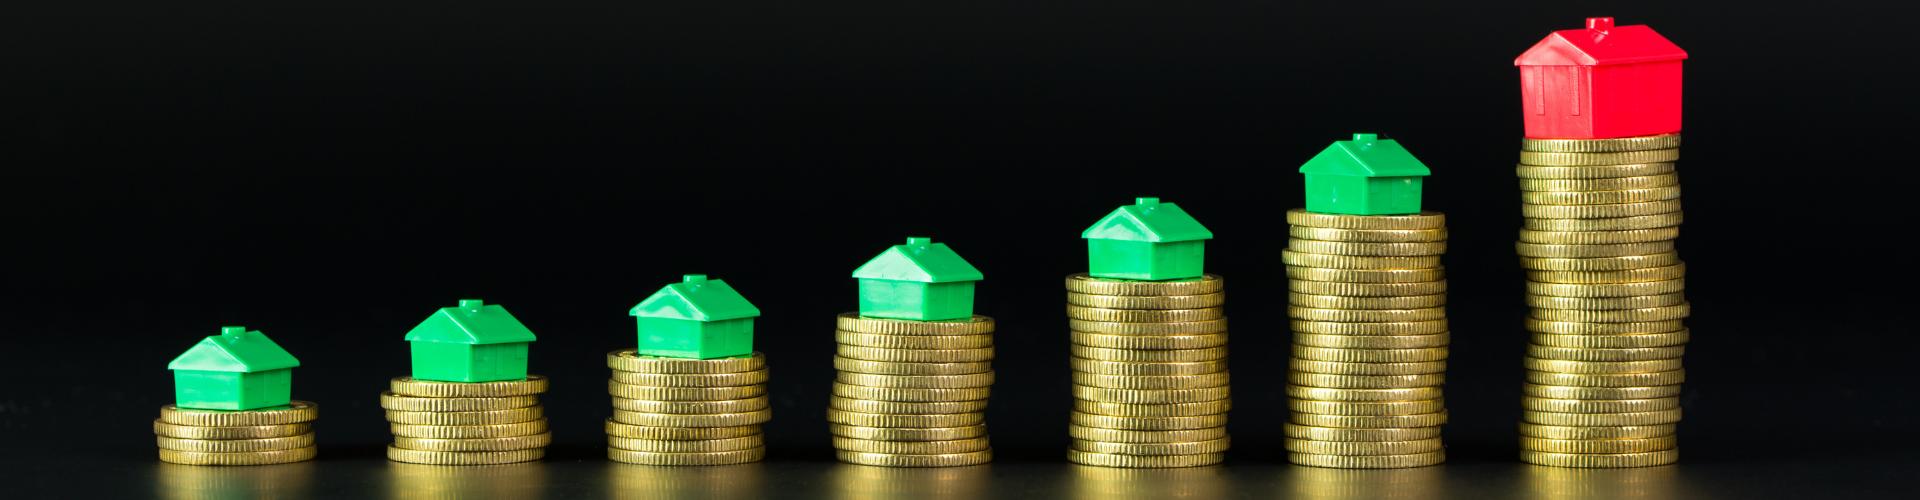 Investeren in vastgoed verschillende huisje naar hotel